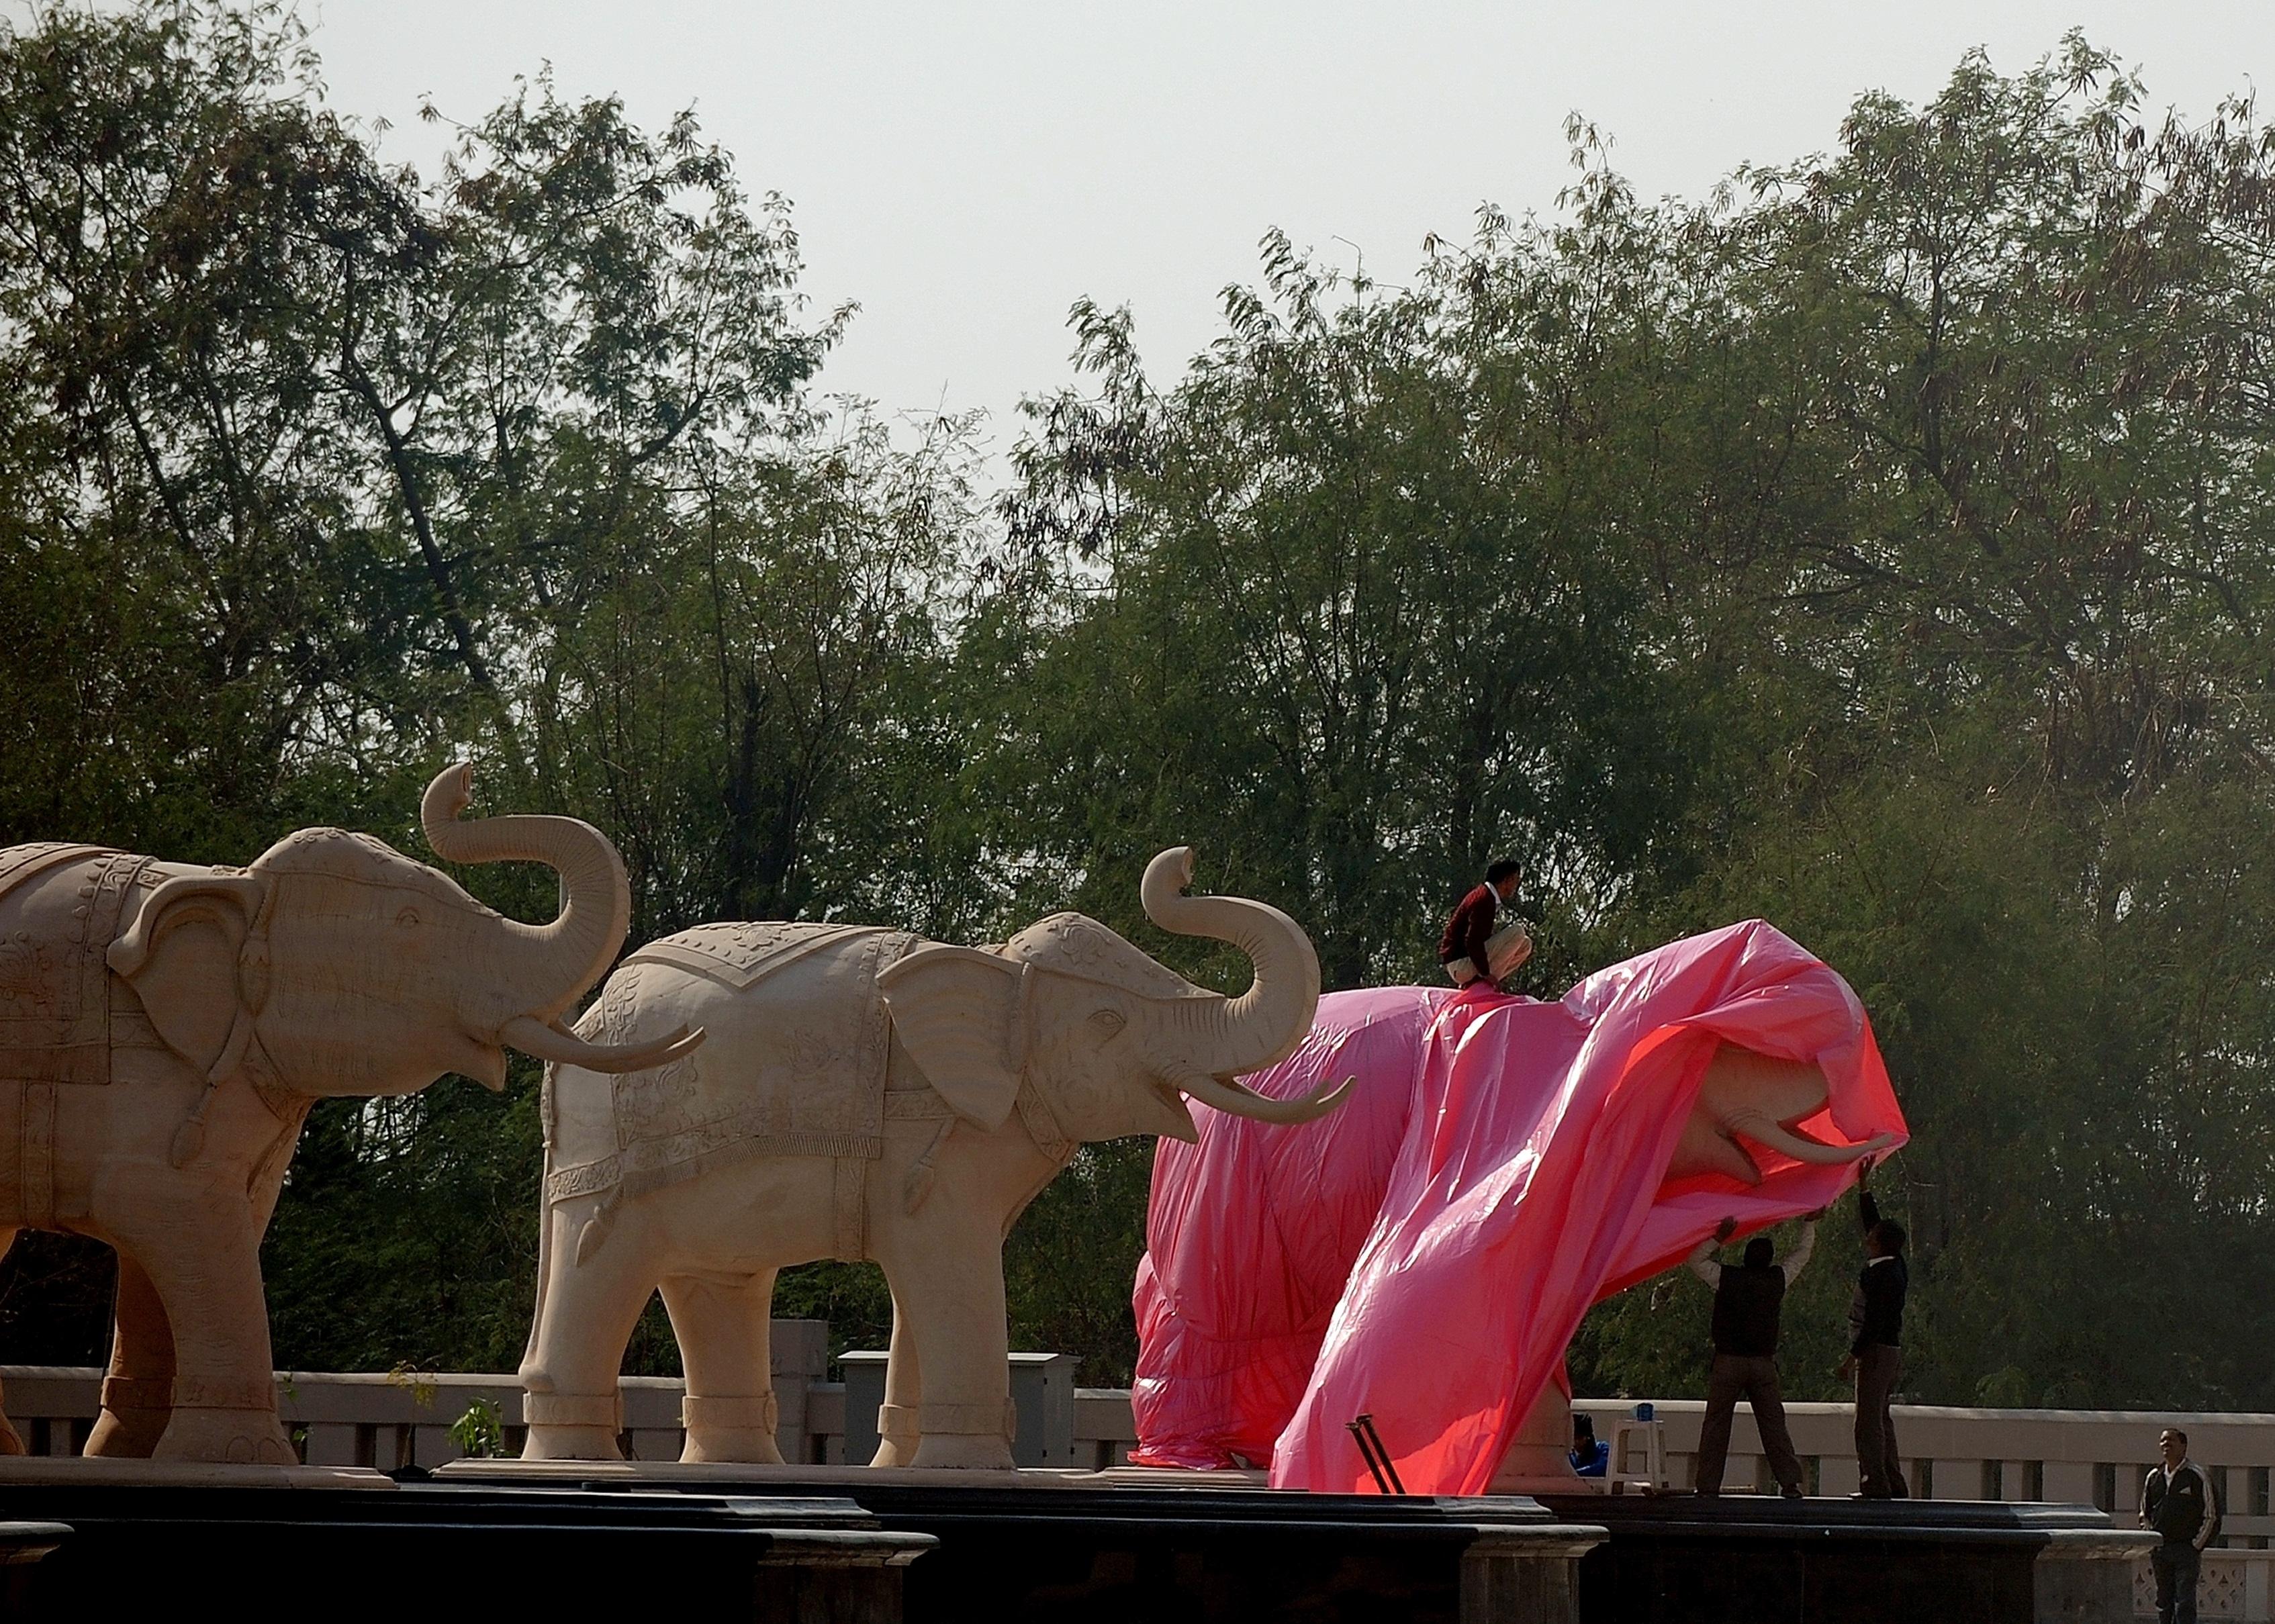 Напередодні виборів в Індії поспішно накривають статуї слонів. Фото: STRDEL/Getty Images